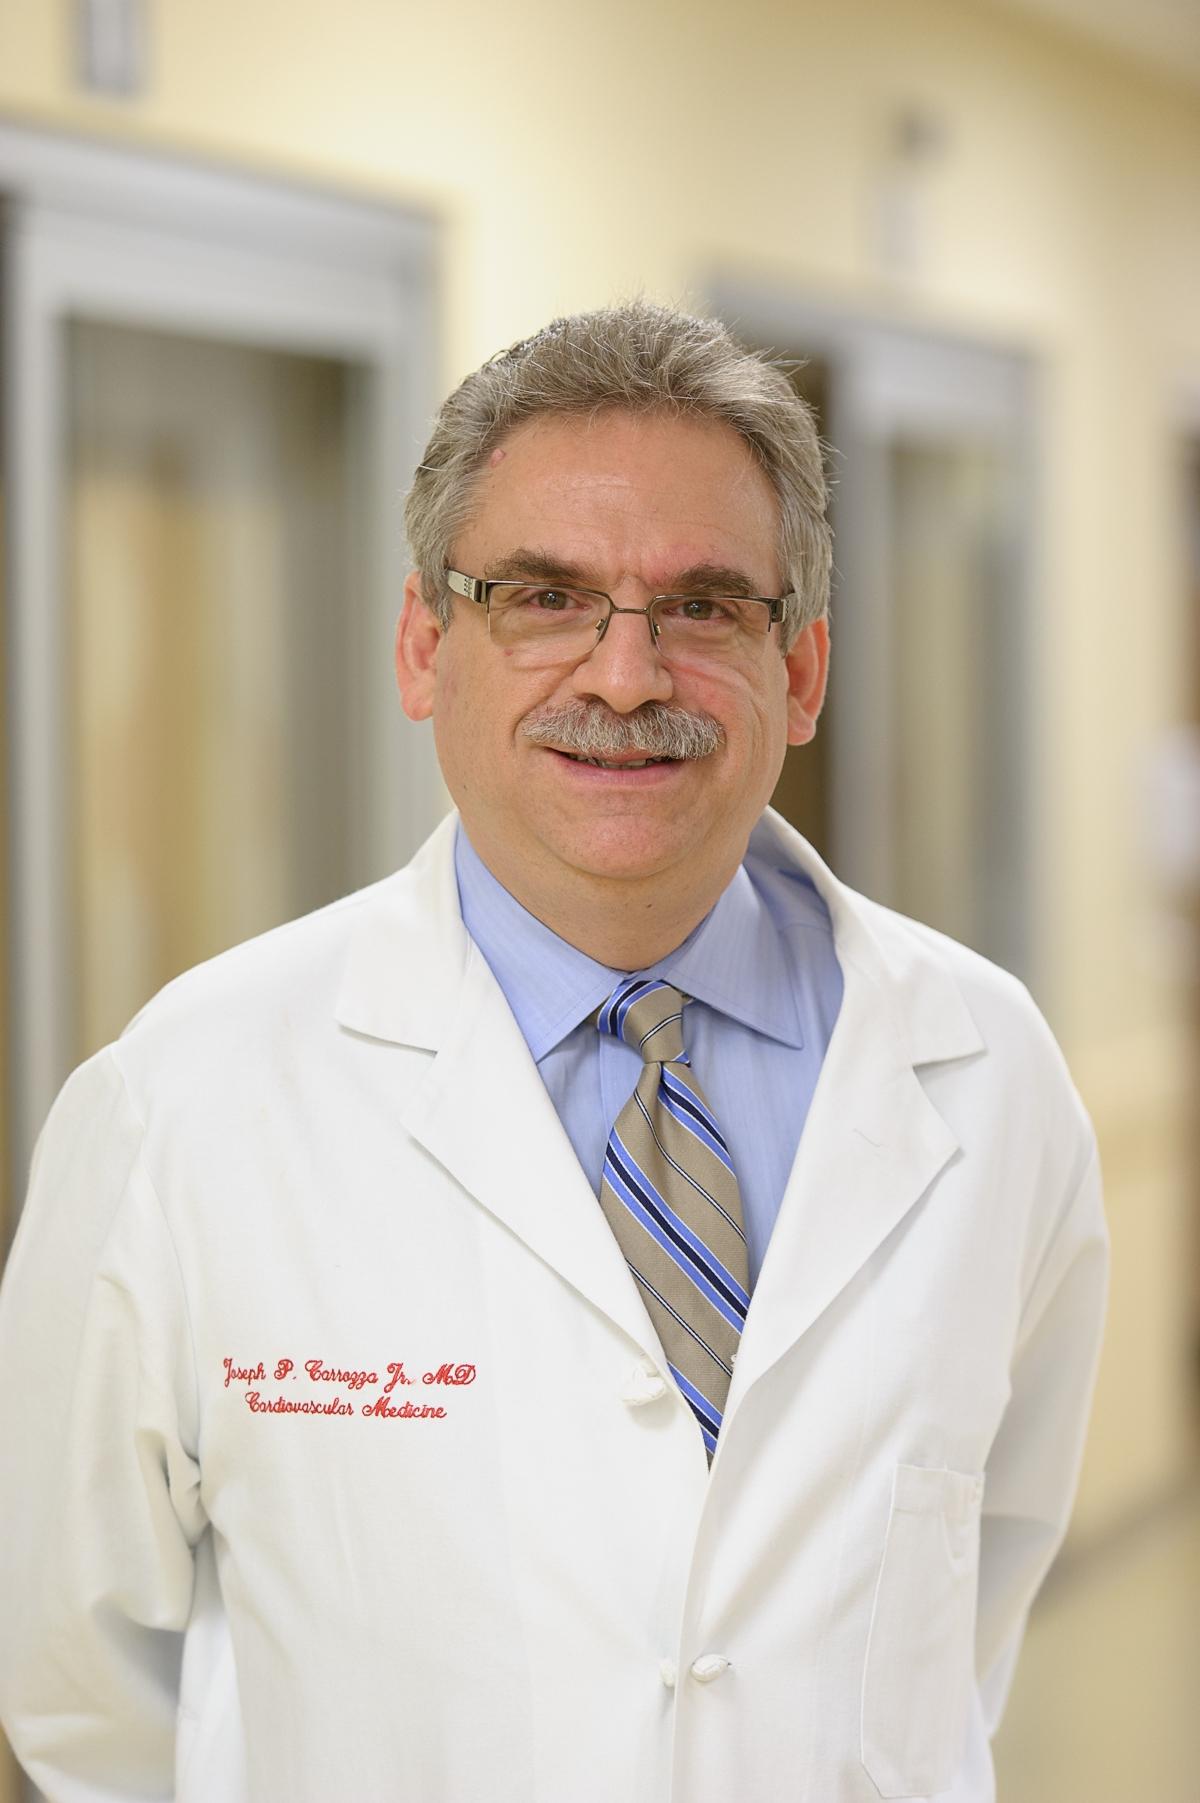 Dr. Carrozza image